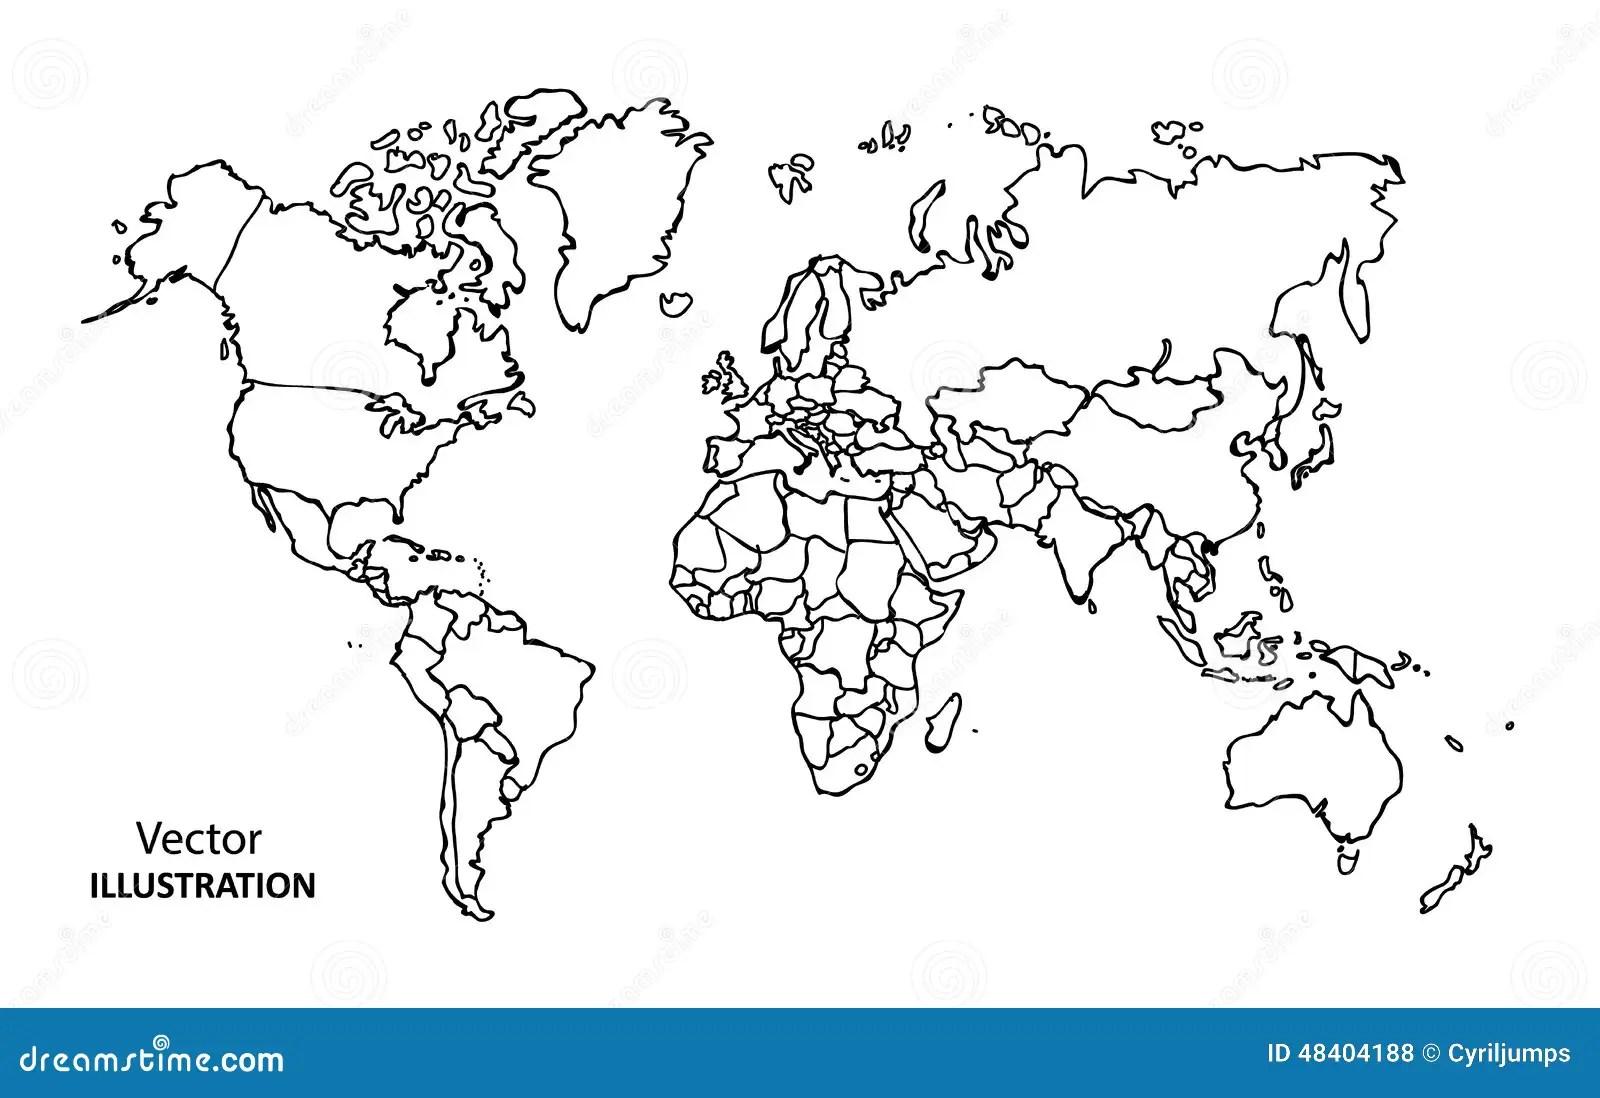 Mapa Do Mundo Do Desenho Da Mao Com Paises Ilustracao Do